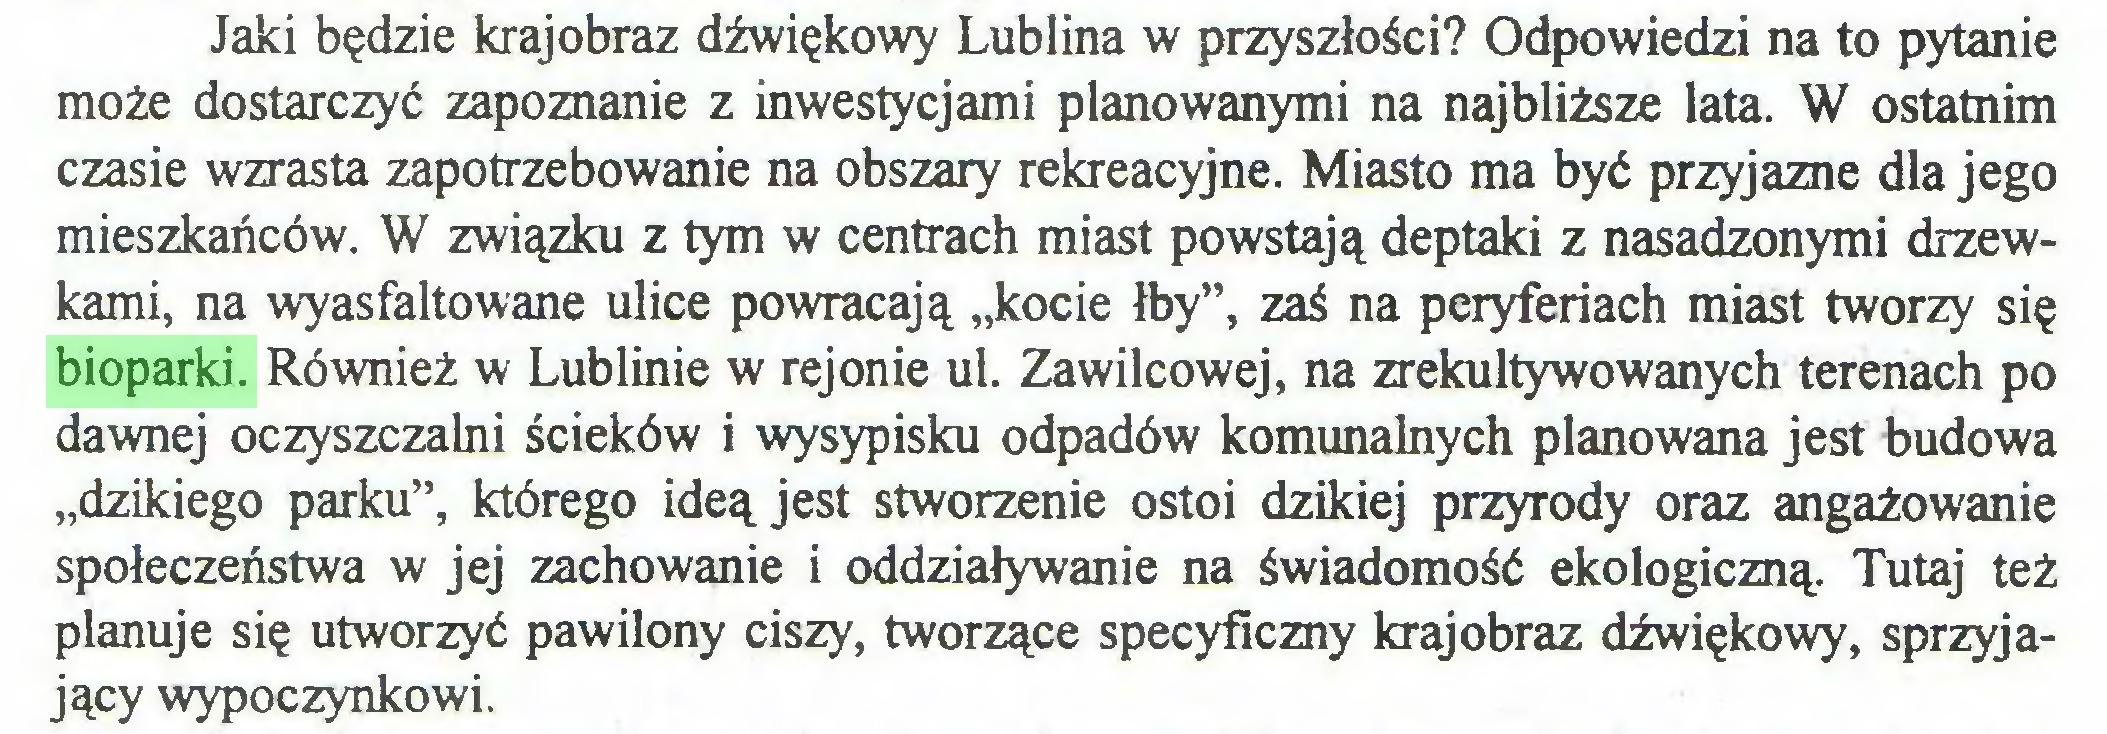 """(...) Jaki będzie krajobraz dźwiękowy Lublina w przyszłości? Odpowiedzi na to pytanie może dostarczyć zapoznanie z inwestycjami planowanymi na najbliższe lata. W ostatnim czasie wzrasta zapotrzebowanie na obszary rekreacyjne. Miasto ma być przyjazne dla jego mieszkańców. W związku z tym w centrach miast powstają deptaki z nasadzonymi drzewkami, na wyasfaltowane ulice powracają """"kocie łby"""", zaś na peryferiach miast tworzy się bioparki. Również w Lublinie w rejonie ul. Zawilcowej, na zrekultywowanych terenach po dawnej oczyszczalni ścieków i wysypisku odpadów komunalnych planowana jest budowa """"dzikiego parku"""", którego ideą jest stworzenie ostoi dzikiej przyrody oraz angażowanie społeczeństwa w jej zachowanie i oddziaływanie na świadomość ekologiczną. Tutaj też planuje się utworzyć pawilony ciszy, tworzące specyficzny krajobraz dźwiękowy, sprzyjający wypoczynkowi..."""